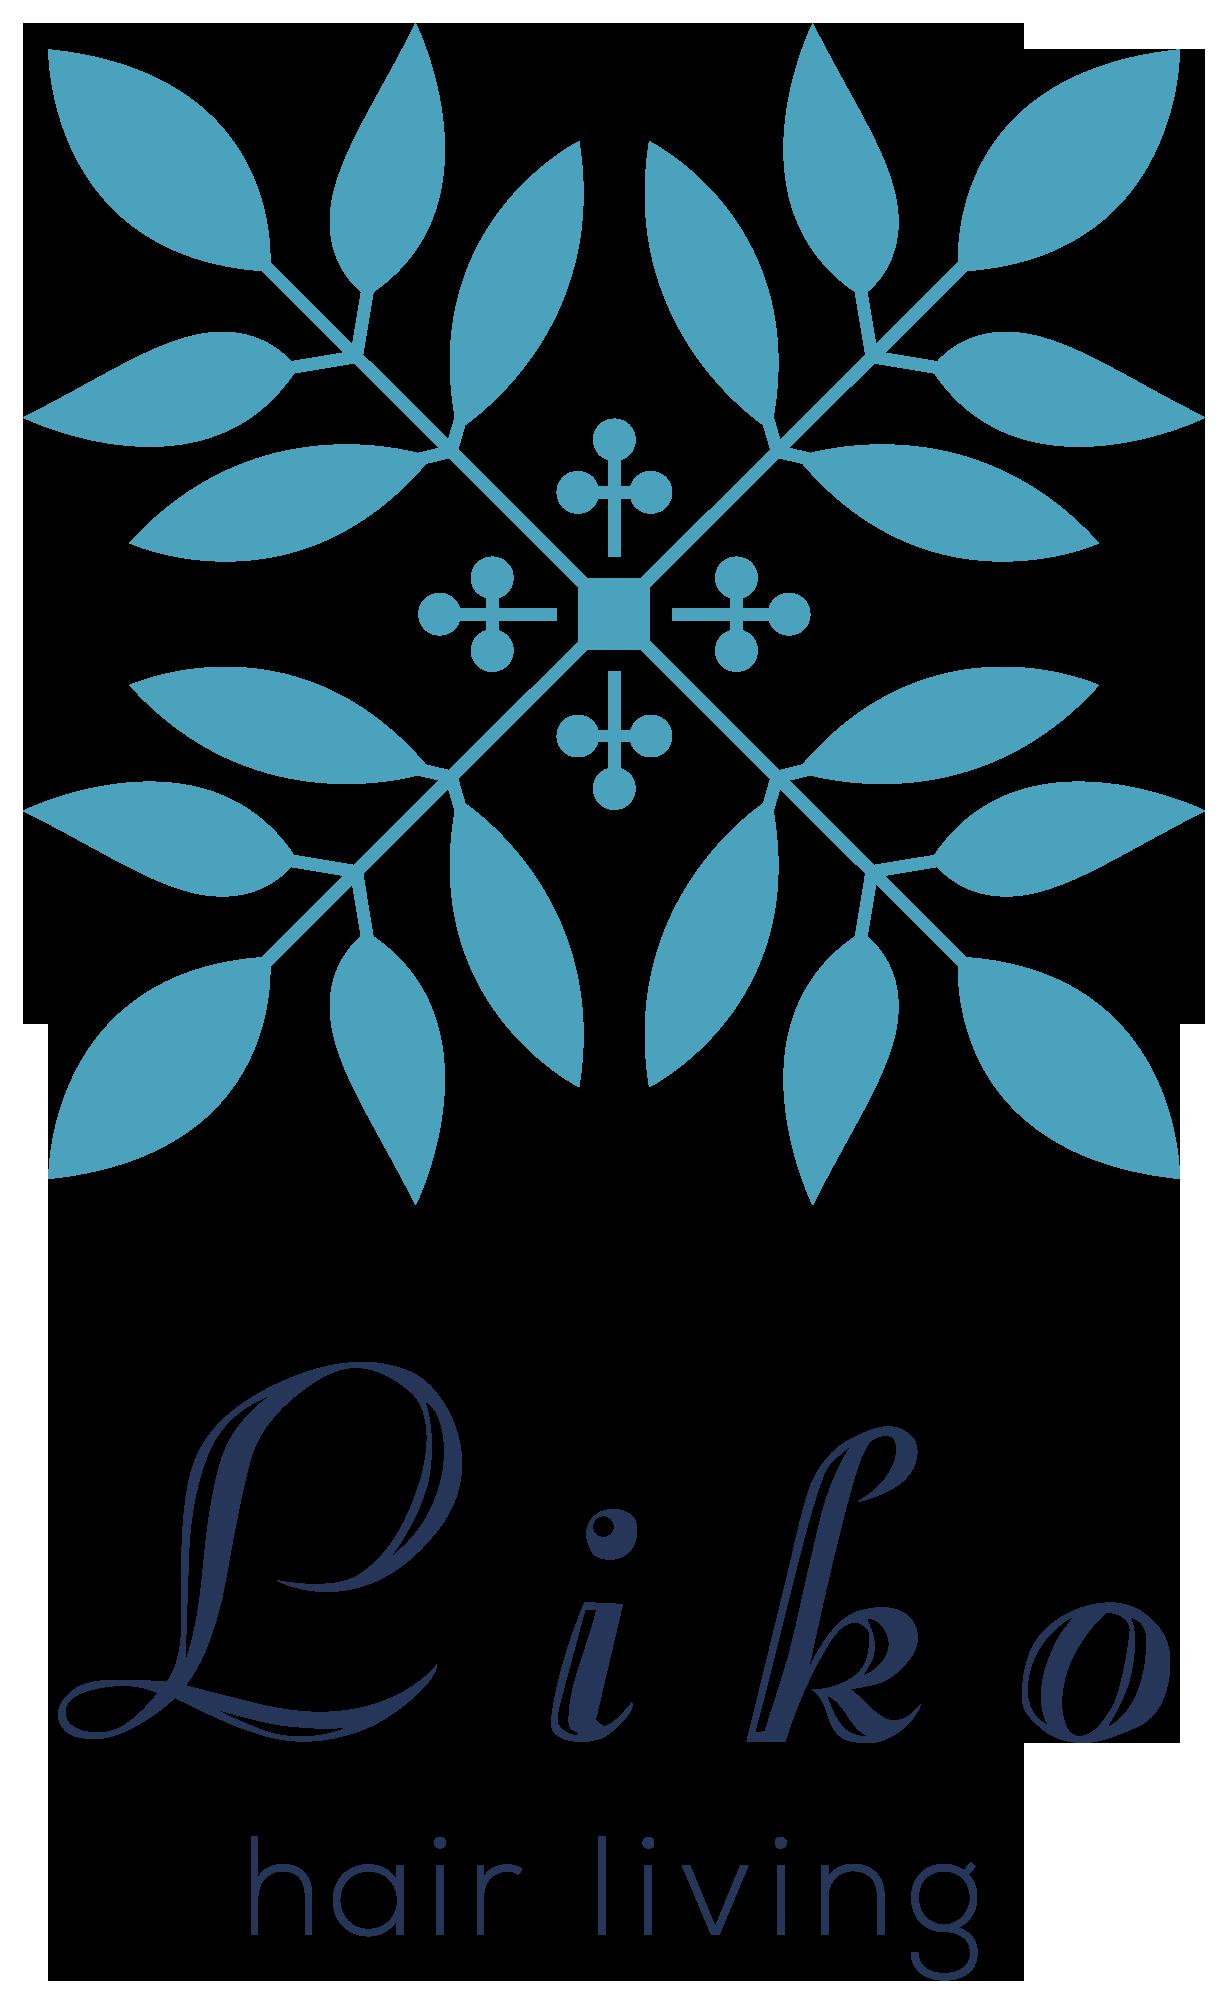 美容室/理髪店/美容系サロンと高級感/気品と青のロゴ